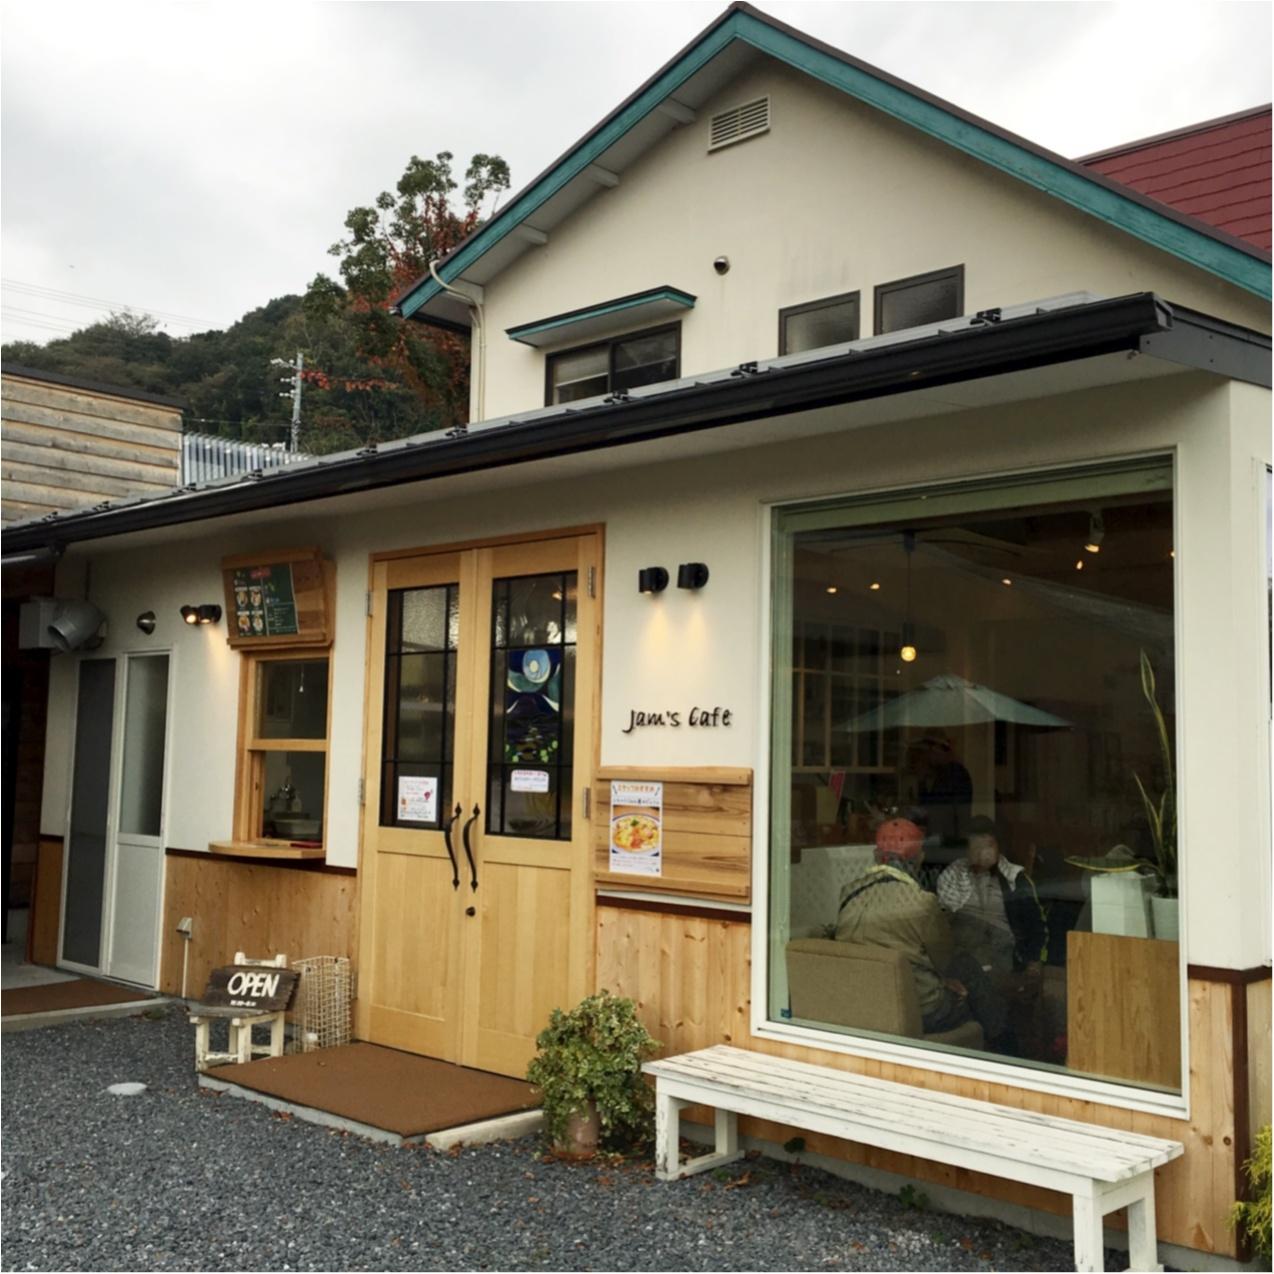 アロハー♪ 瀬戸内のハワイと呼ばれる山口県の《 周防大島 》をぶらり旅 ♡ ~私のおすすめカフェ~_2